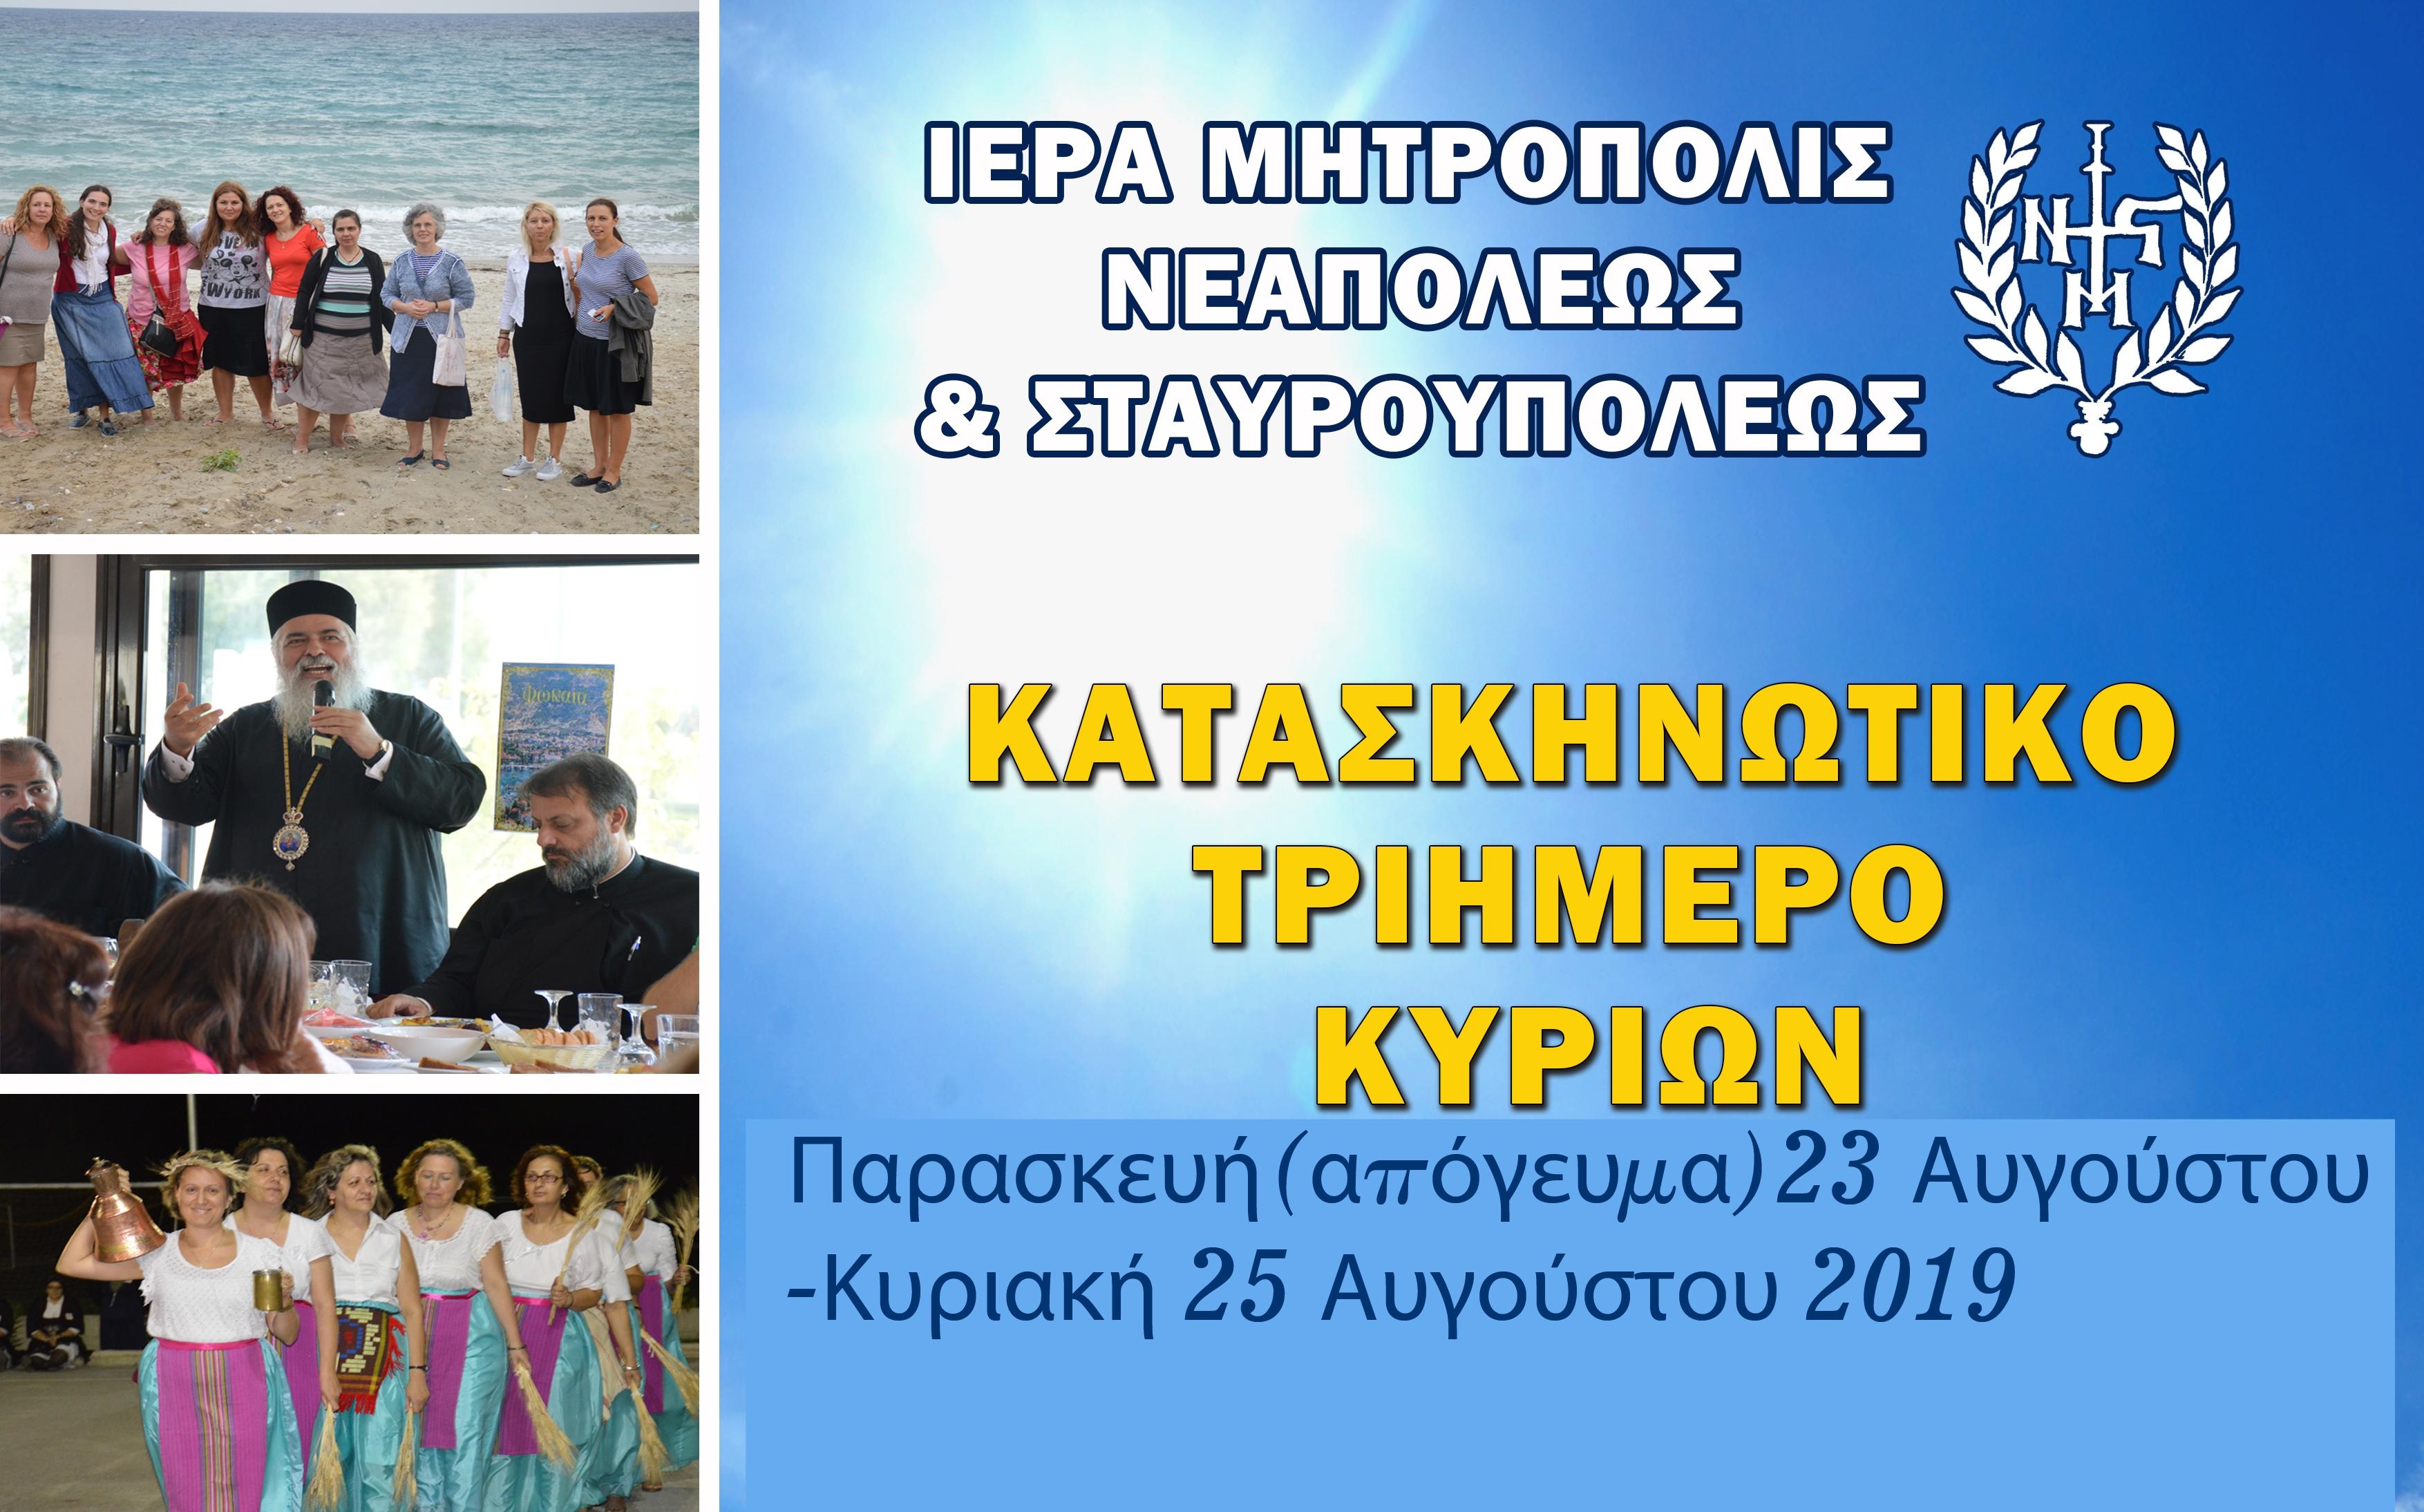 Κατασκηνωτικό Τριήμερο Κυριών στην Κατασκήνωση της Ιεράς Μητροπόλεως Νεαπόλεως & Σταυρουπόλεως στο Ποσείδι / Χαλκιδικής  (23 έως 25 Αυγούστου 2019)